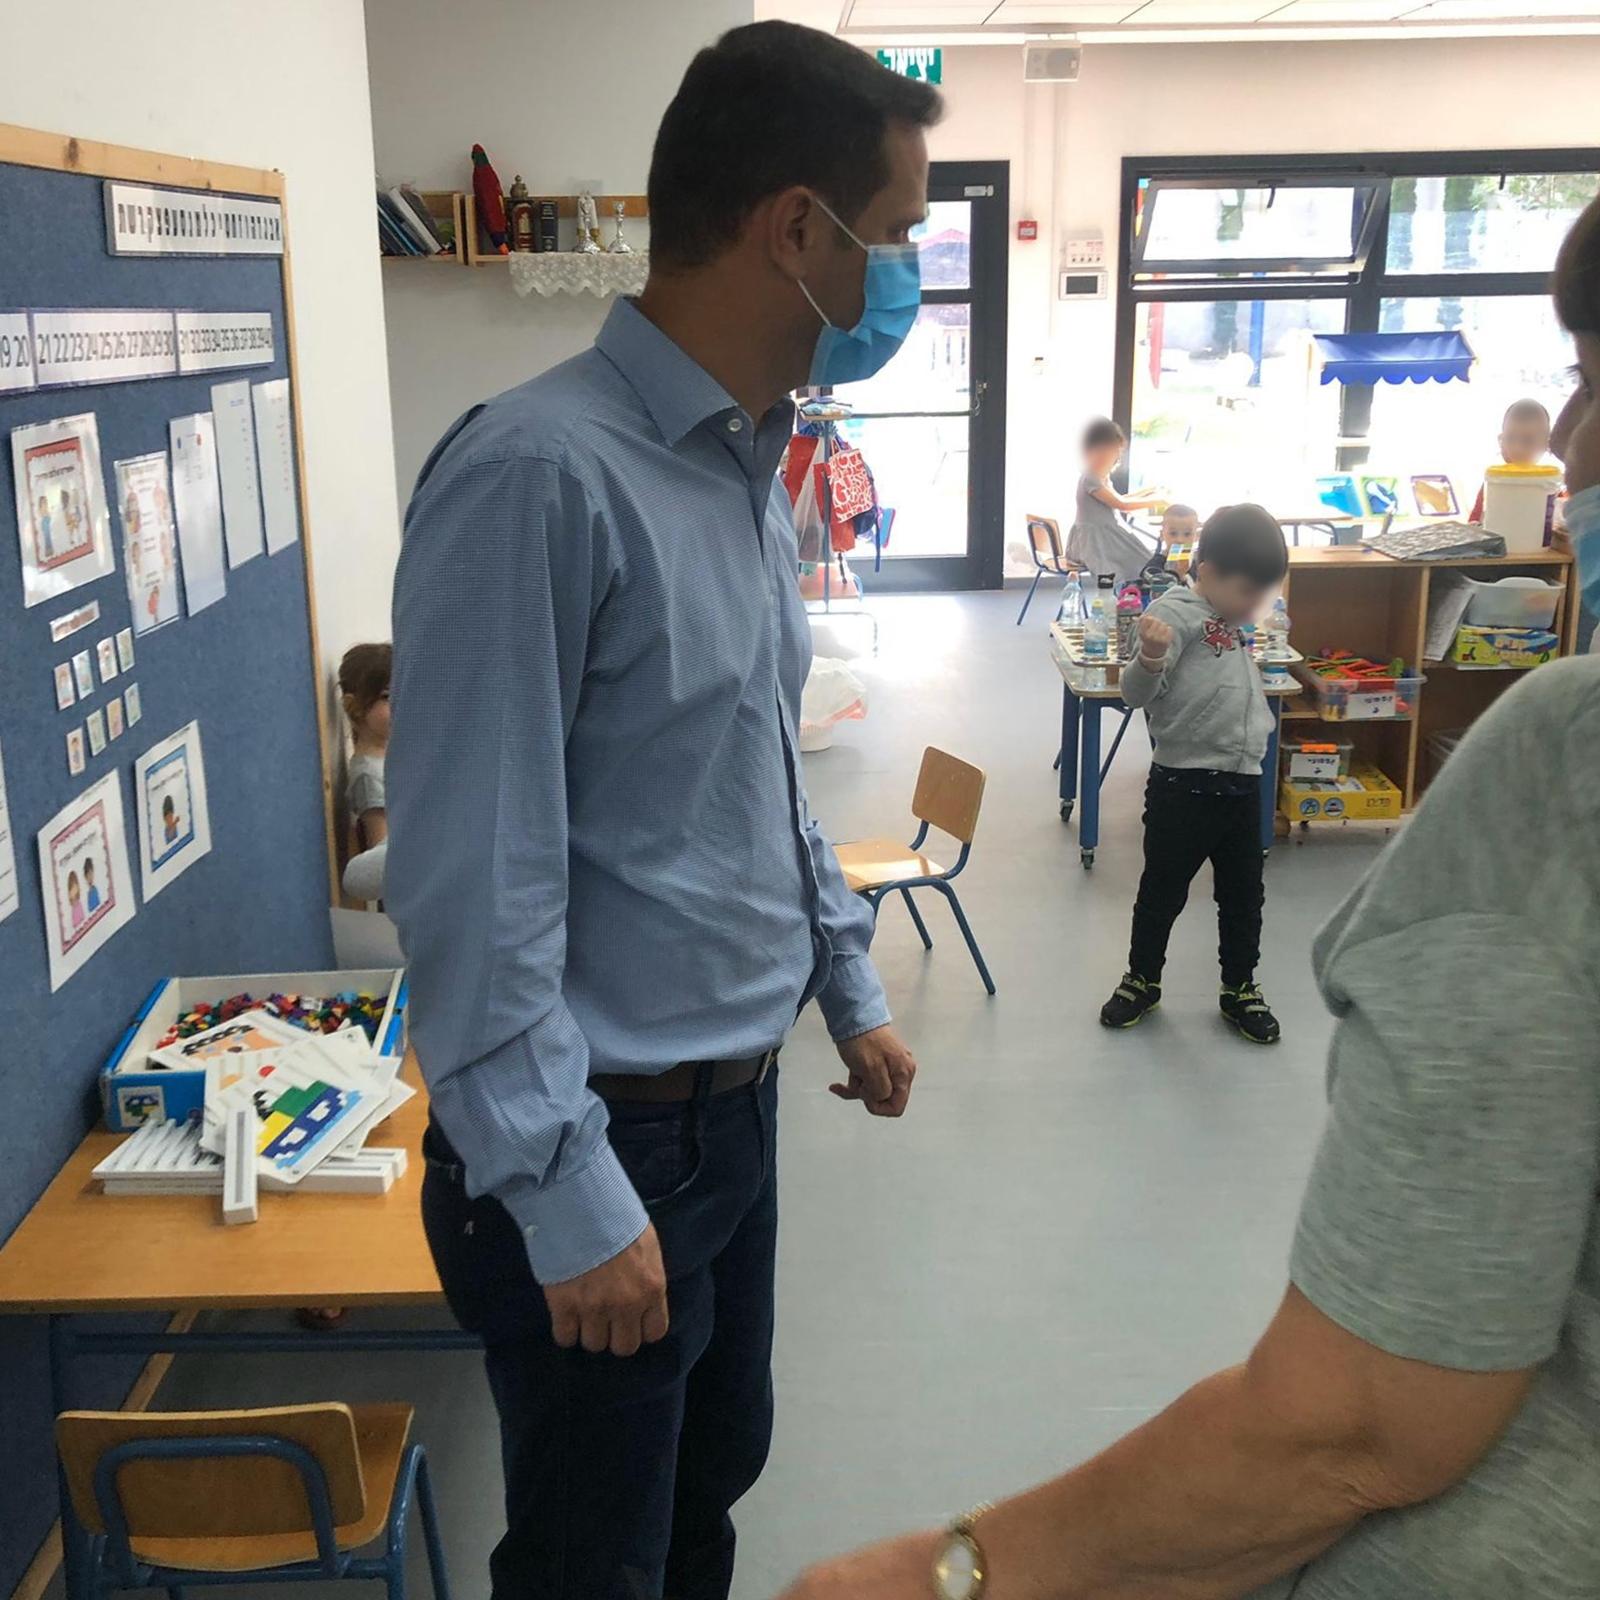 В детских садах не хватает помощников воспитателей? Муниципалитет Ришон ле-Циона мобилизуется на помощь во главе с мэром